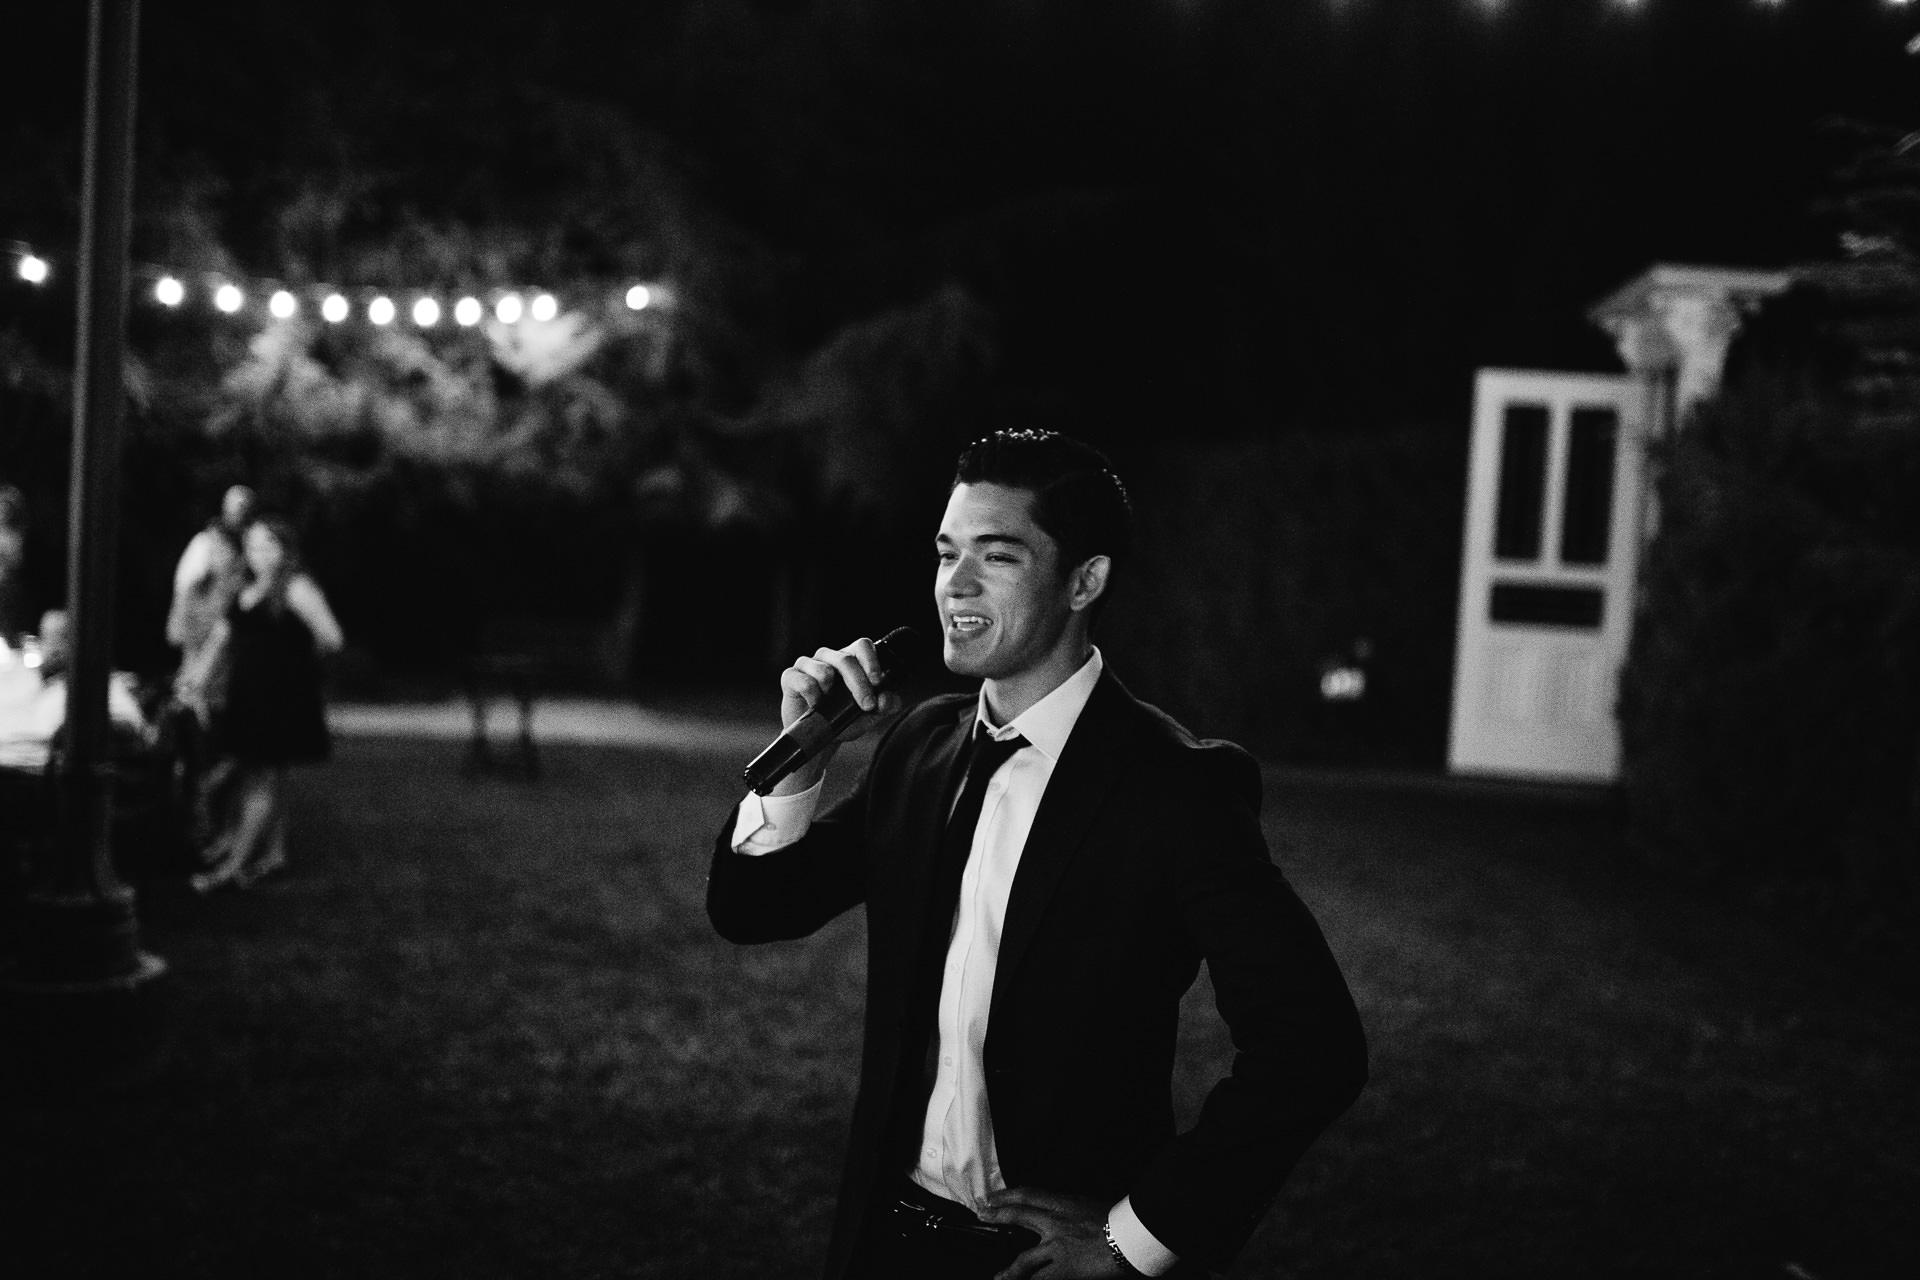 lauren_graham_wedding_california_park_winters_jeanlaurentgaudy_092